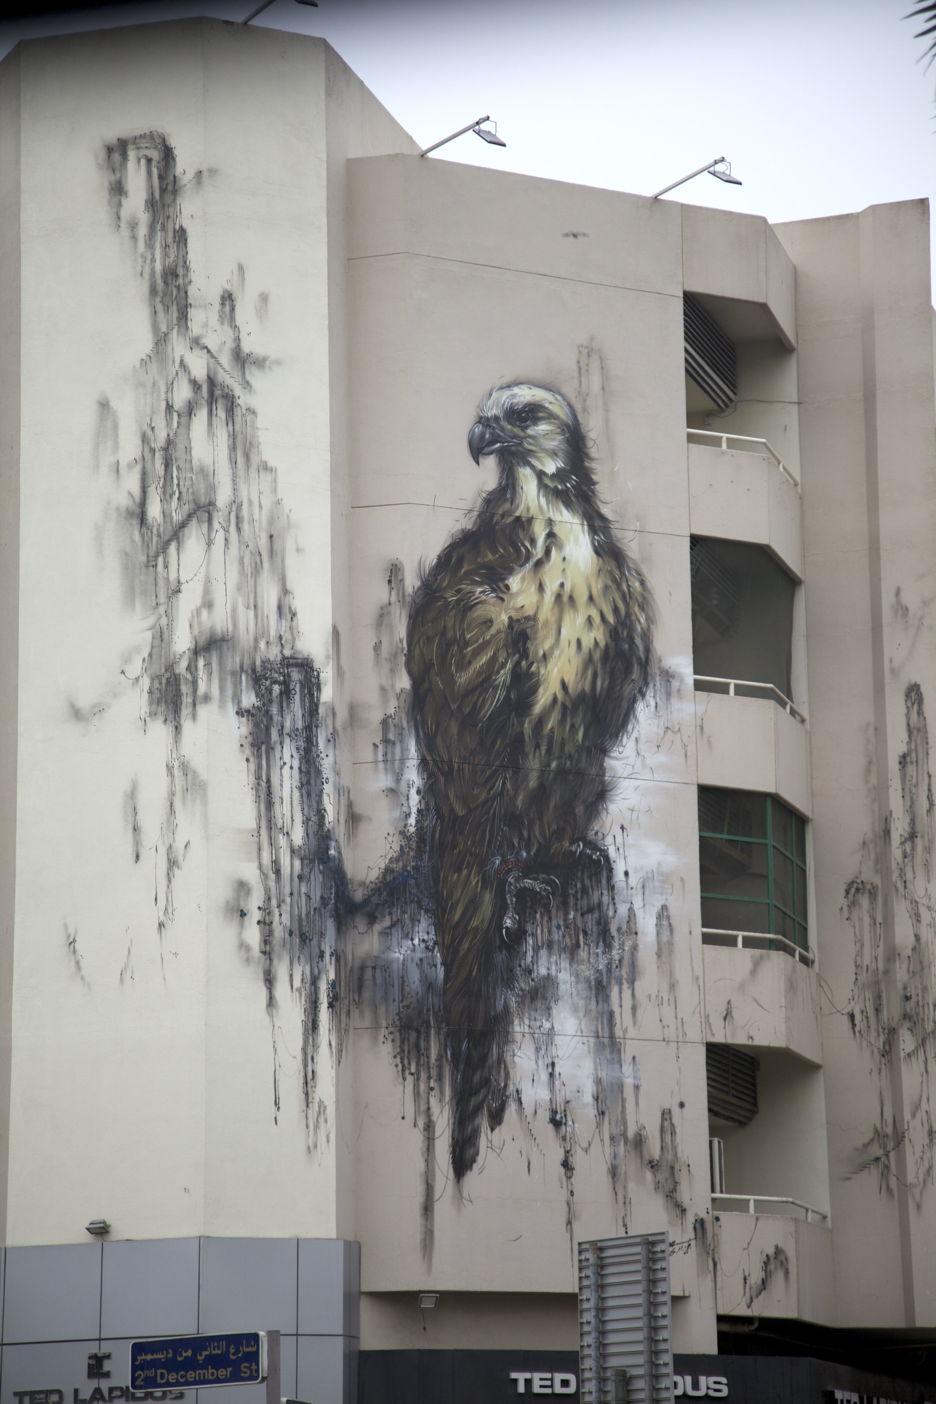 Wandgestaltung in einem Wohnviertel in Dubai